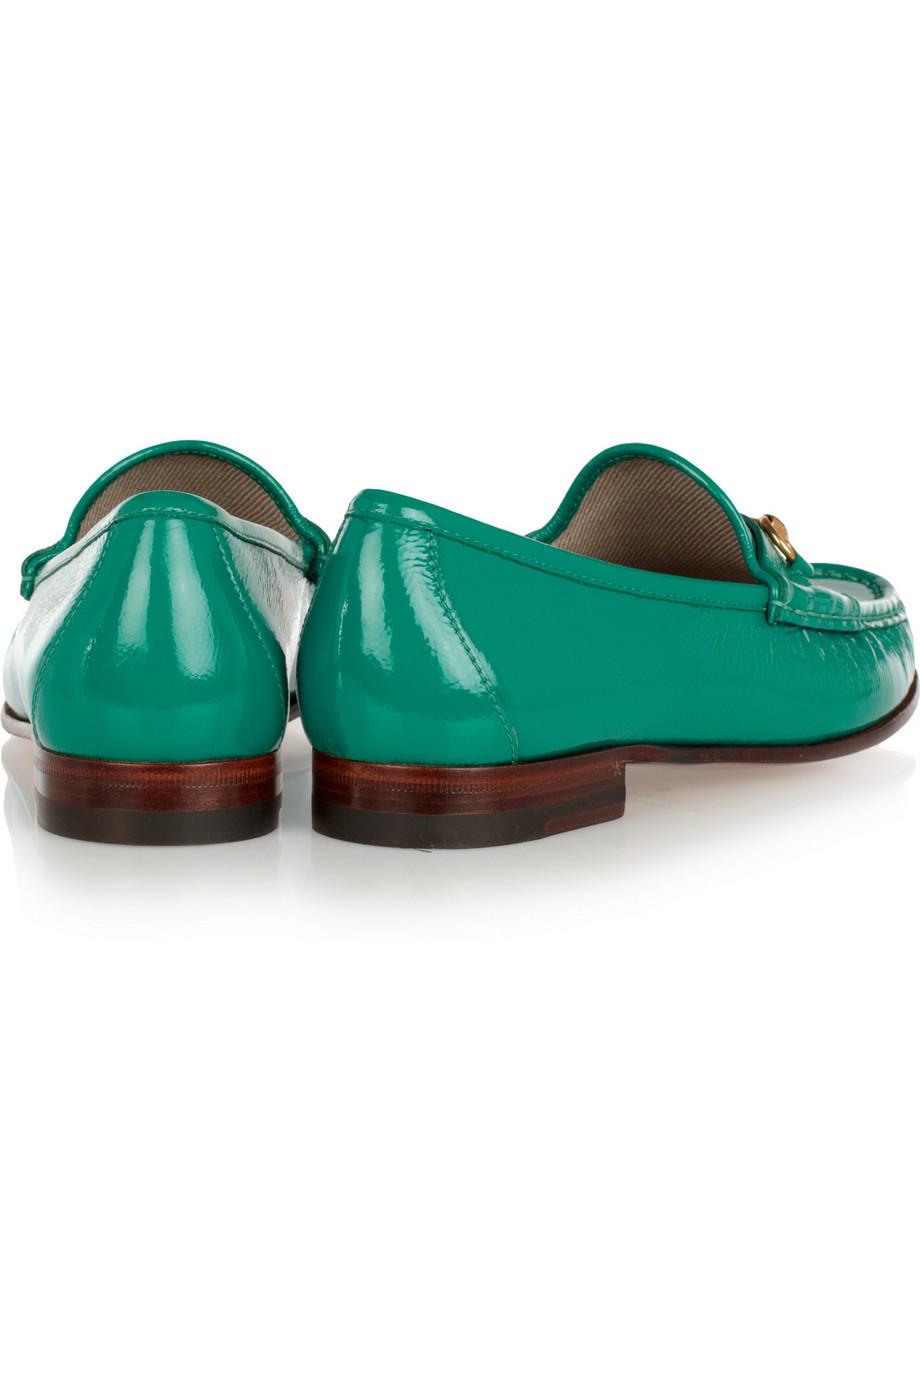 gucci古驰女士平底鞋349227